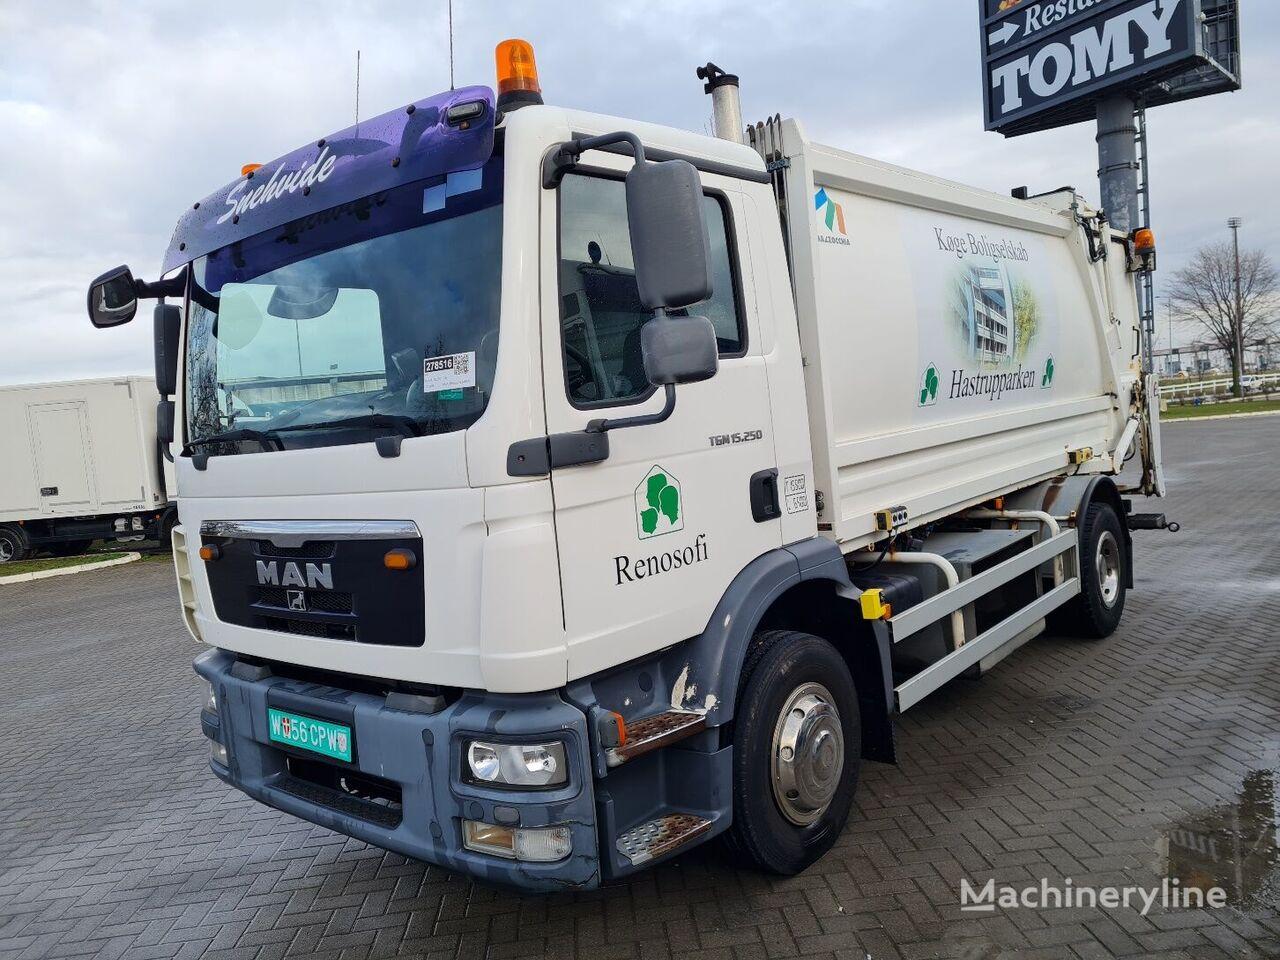 MAN TGM 15.250 61000km 10m3 EUbrief camión de basura